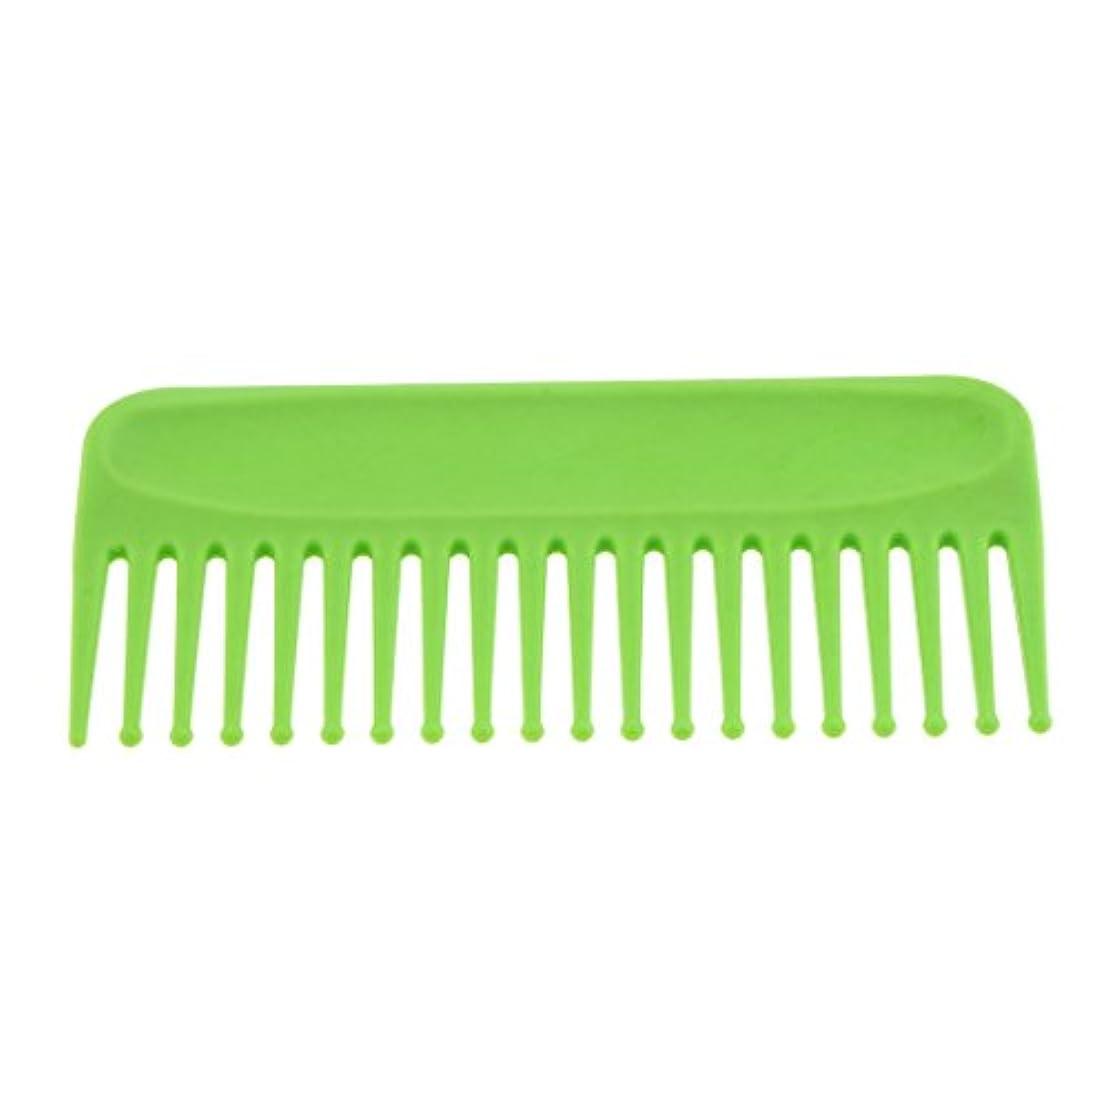 アシスタント受け入れるこれまでヘアブラシ ヘアコーム コーム 櫛 くし サロン ヘアケア 耐熱性 帯電防止 頭皮 マッサージ 丸いヘッド 4色選べる - 緑